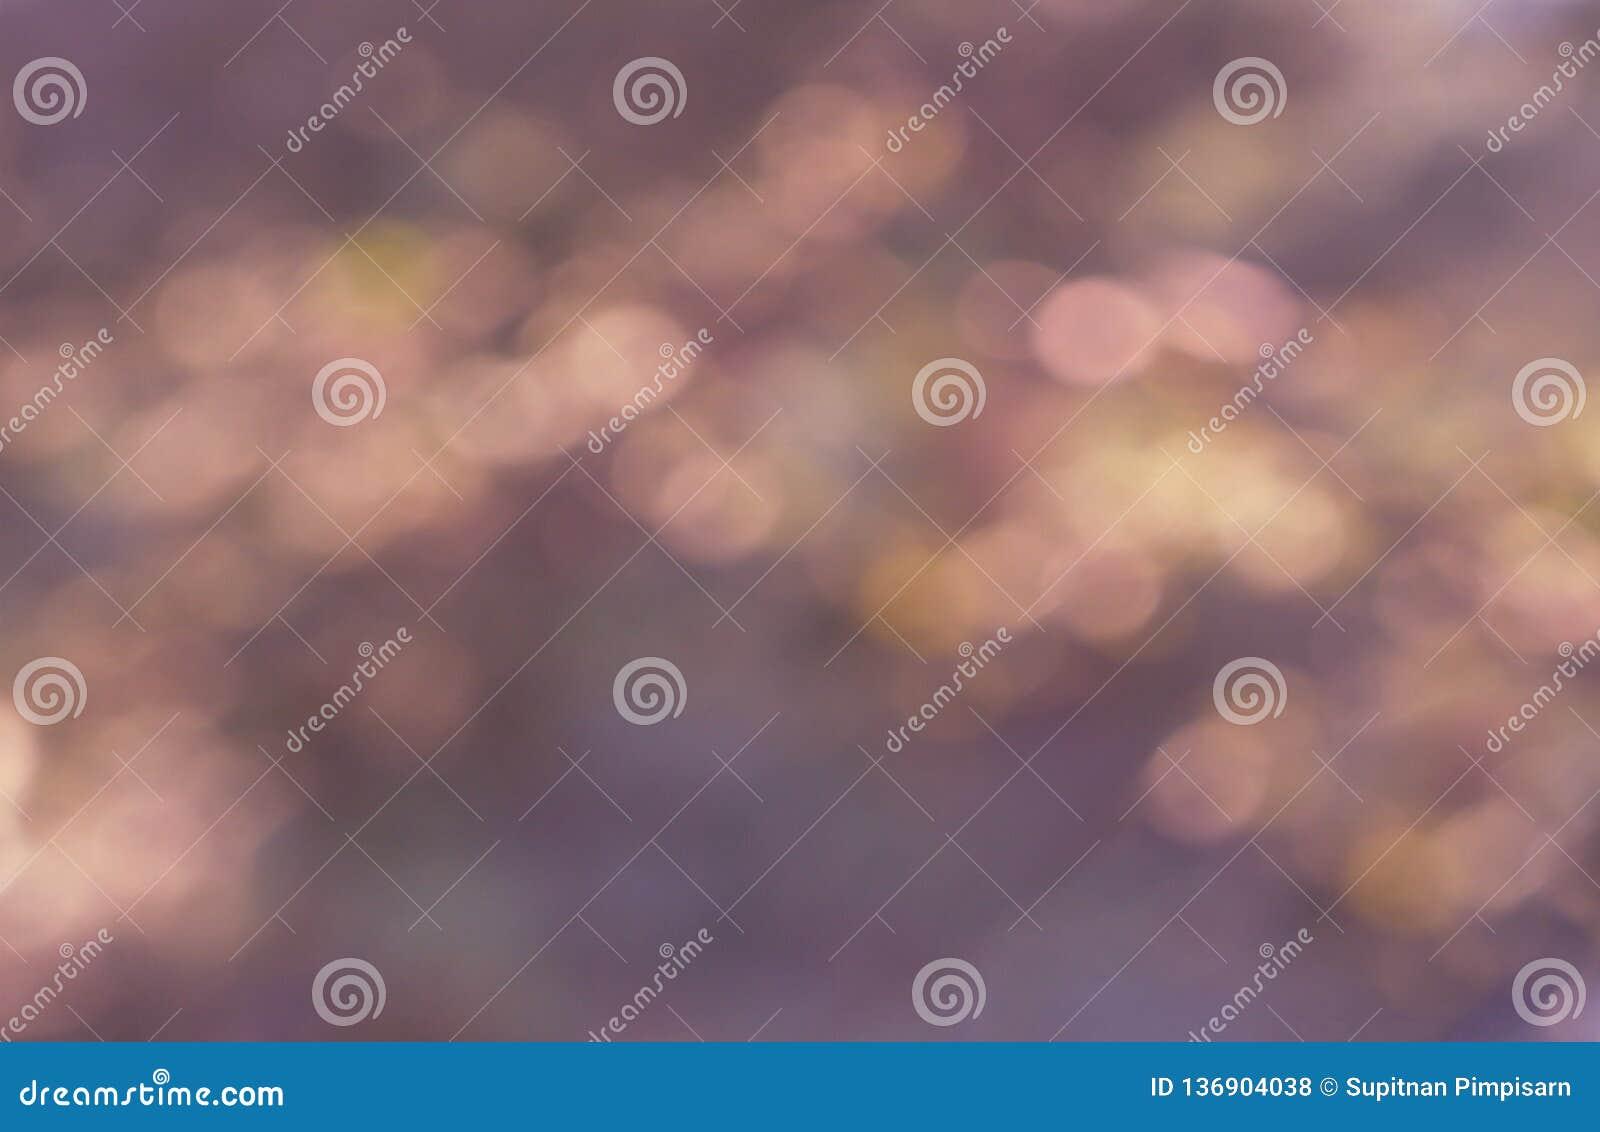 Αφηρημένη ανοικτό ροζ σύσταση εικόνας υποβάθρου Bokeh αναδρομική για την ημέρα Valentine's